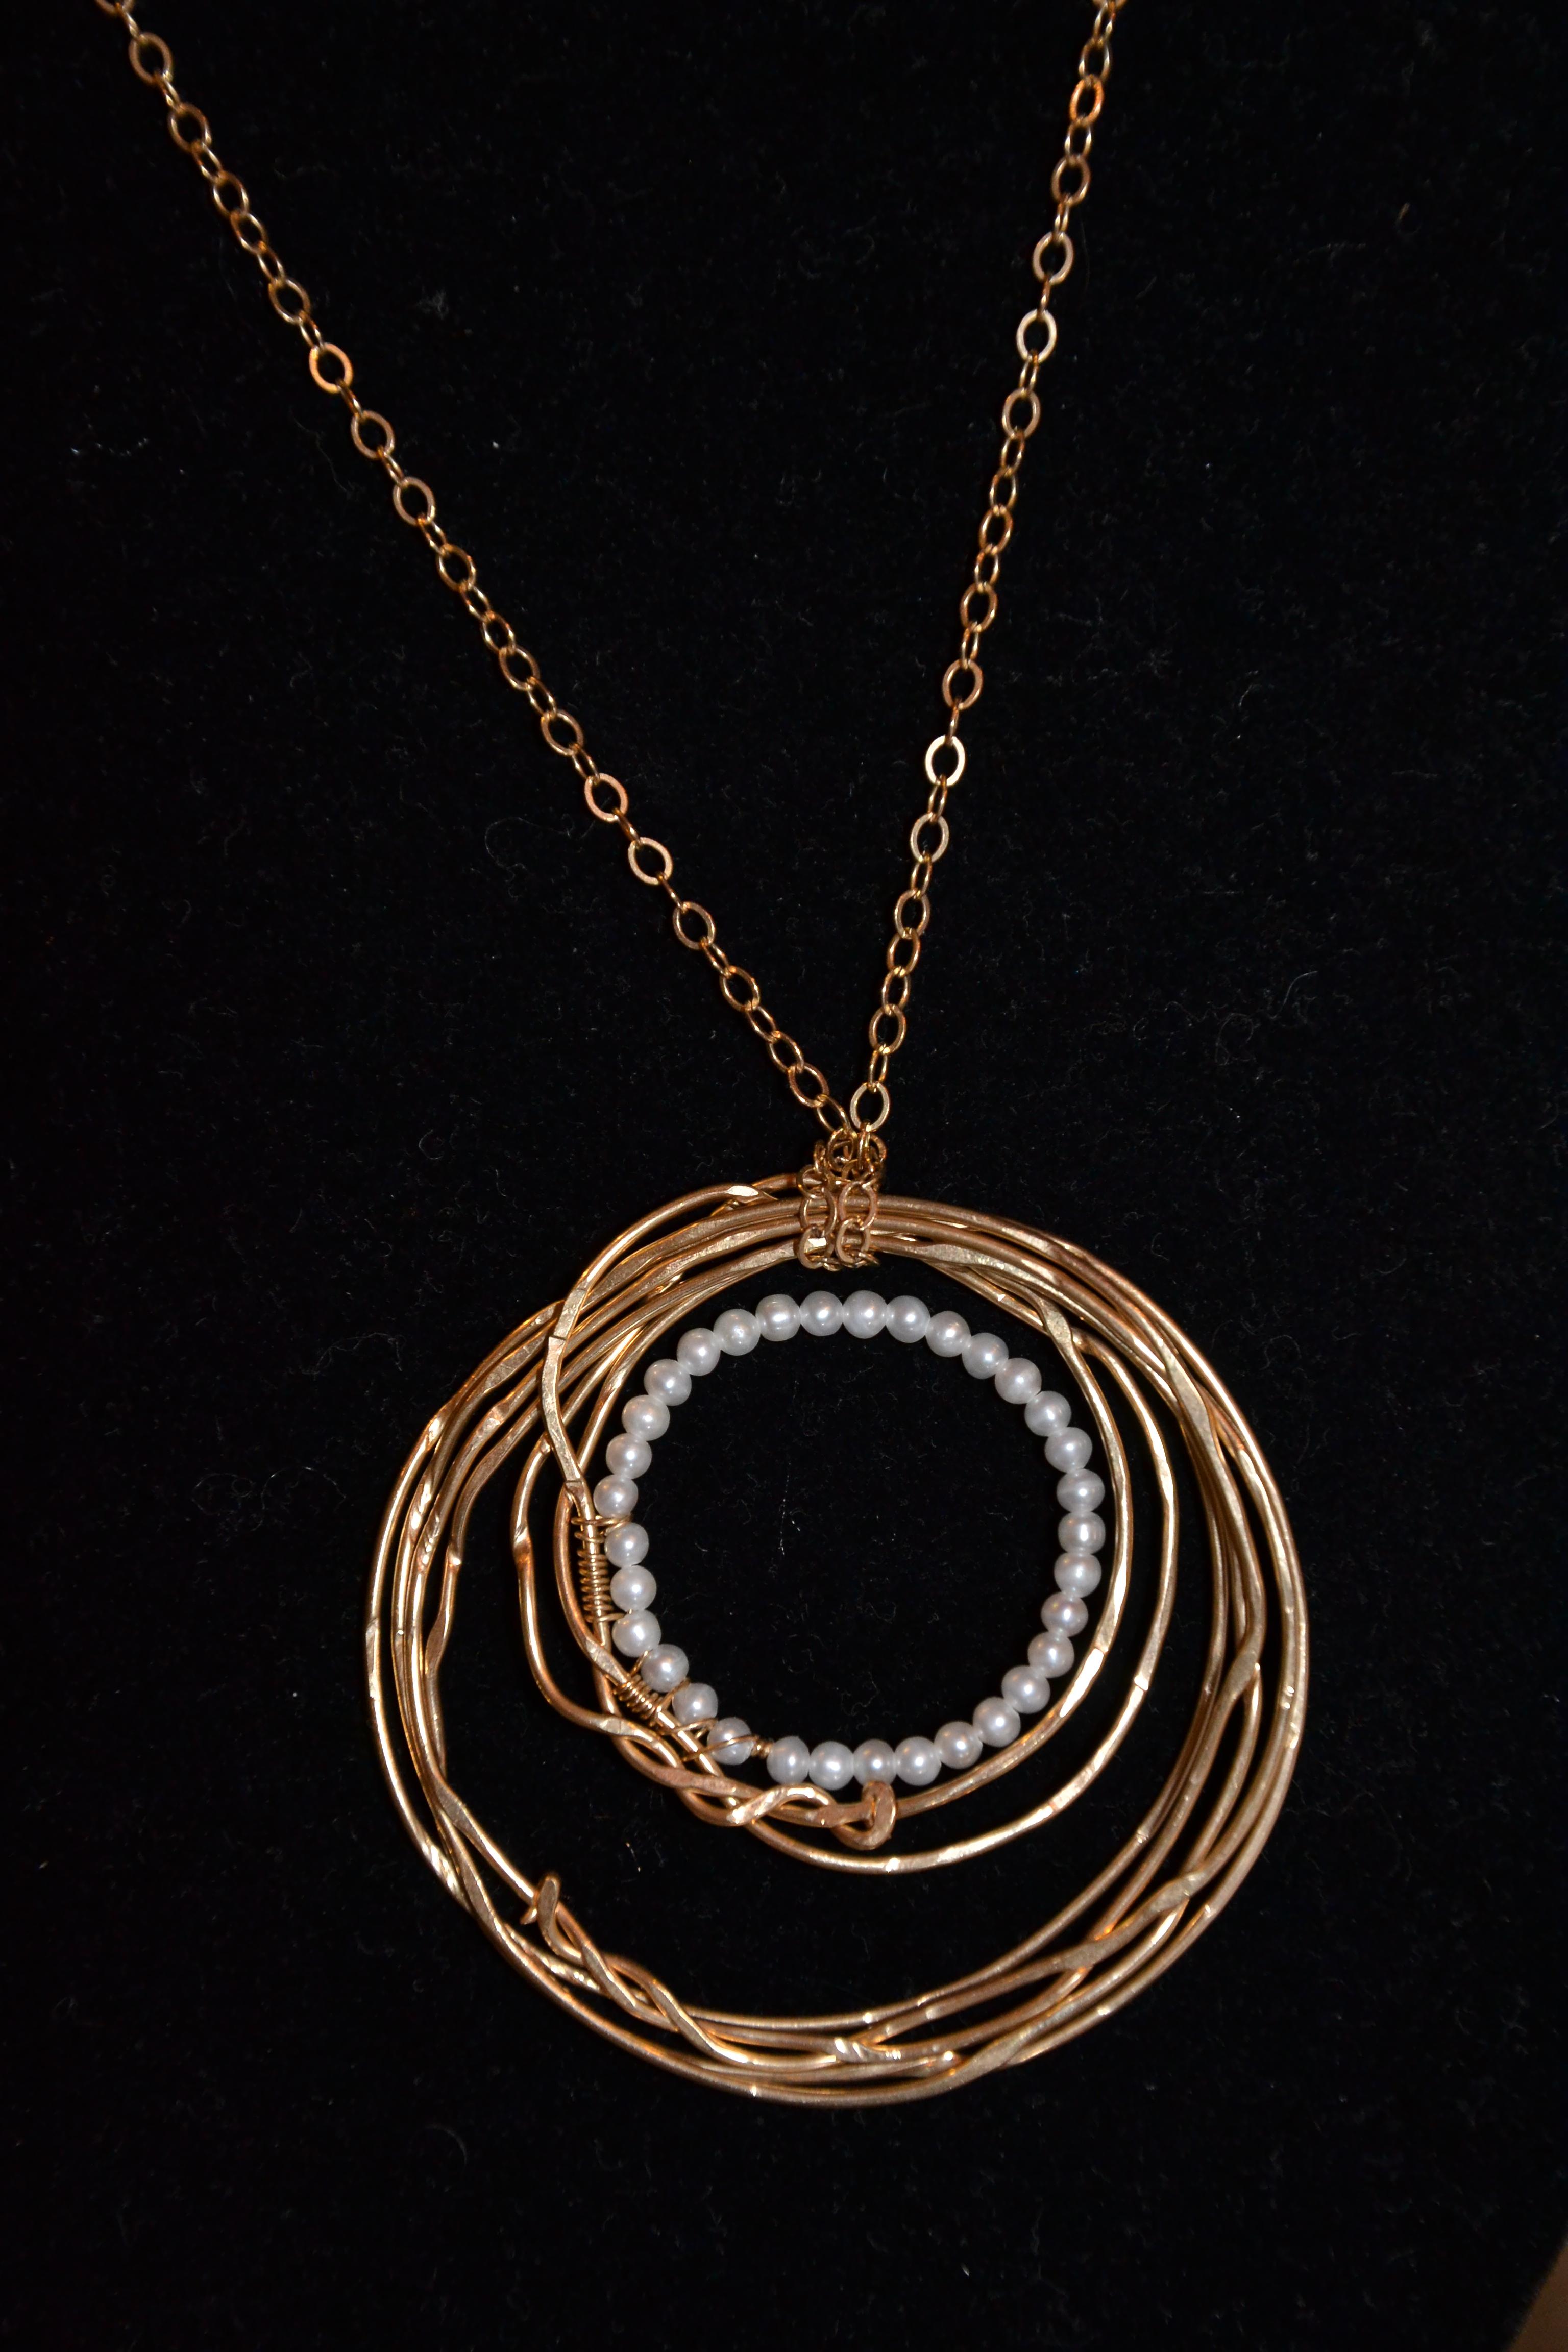 jewelry on my list